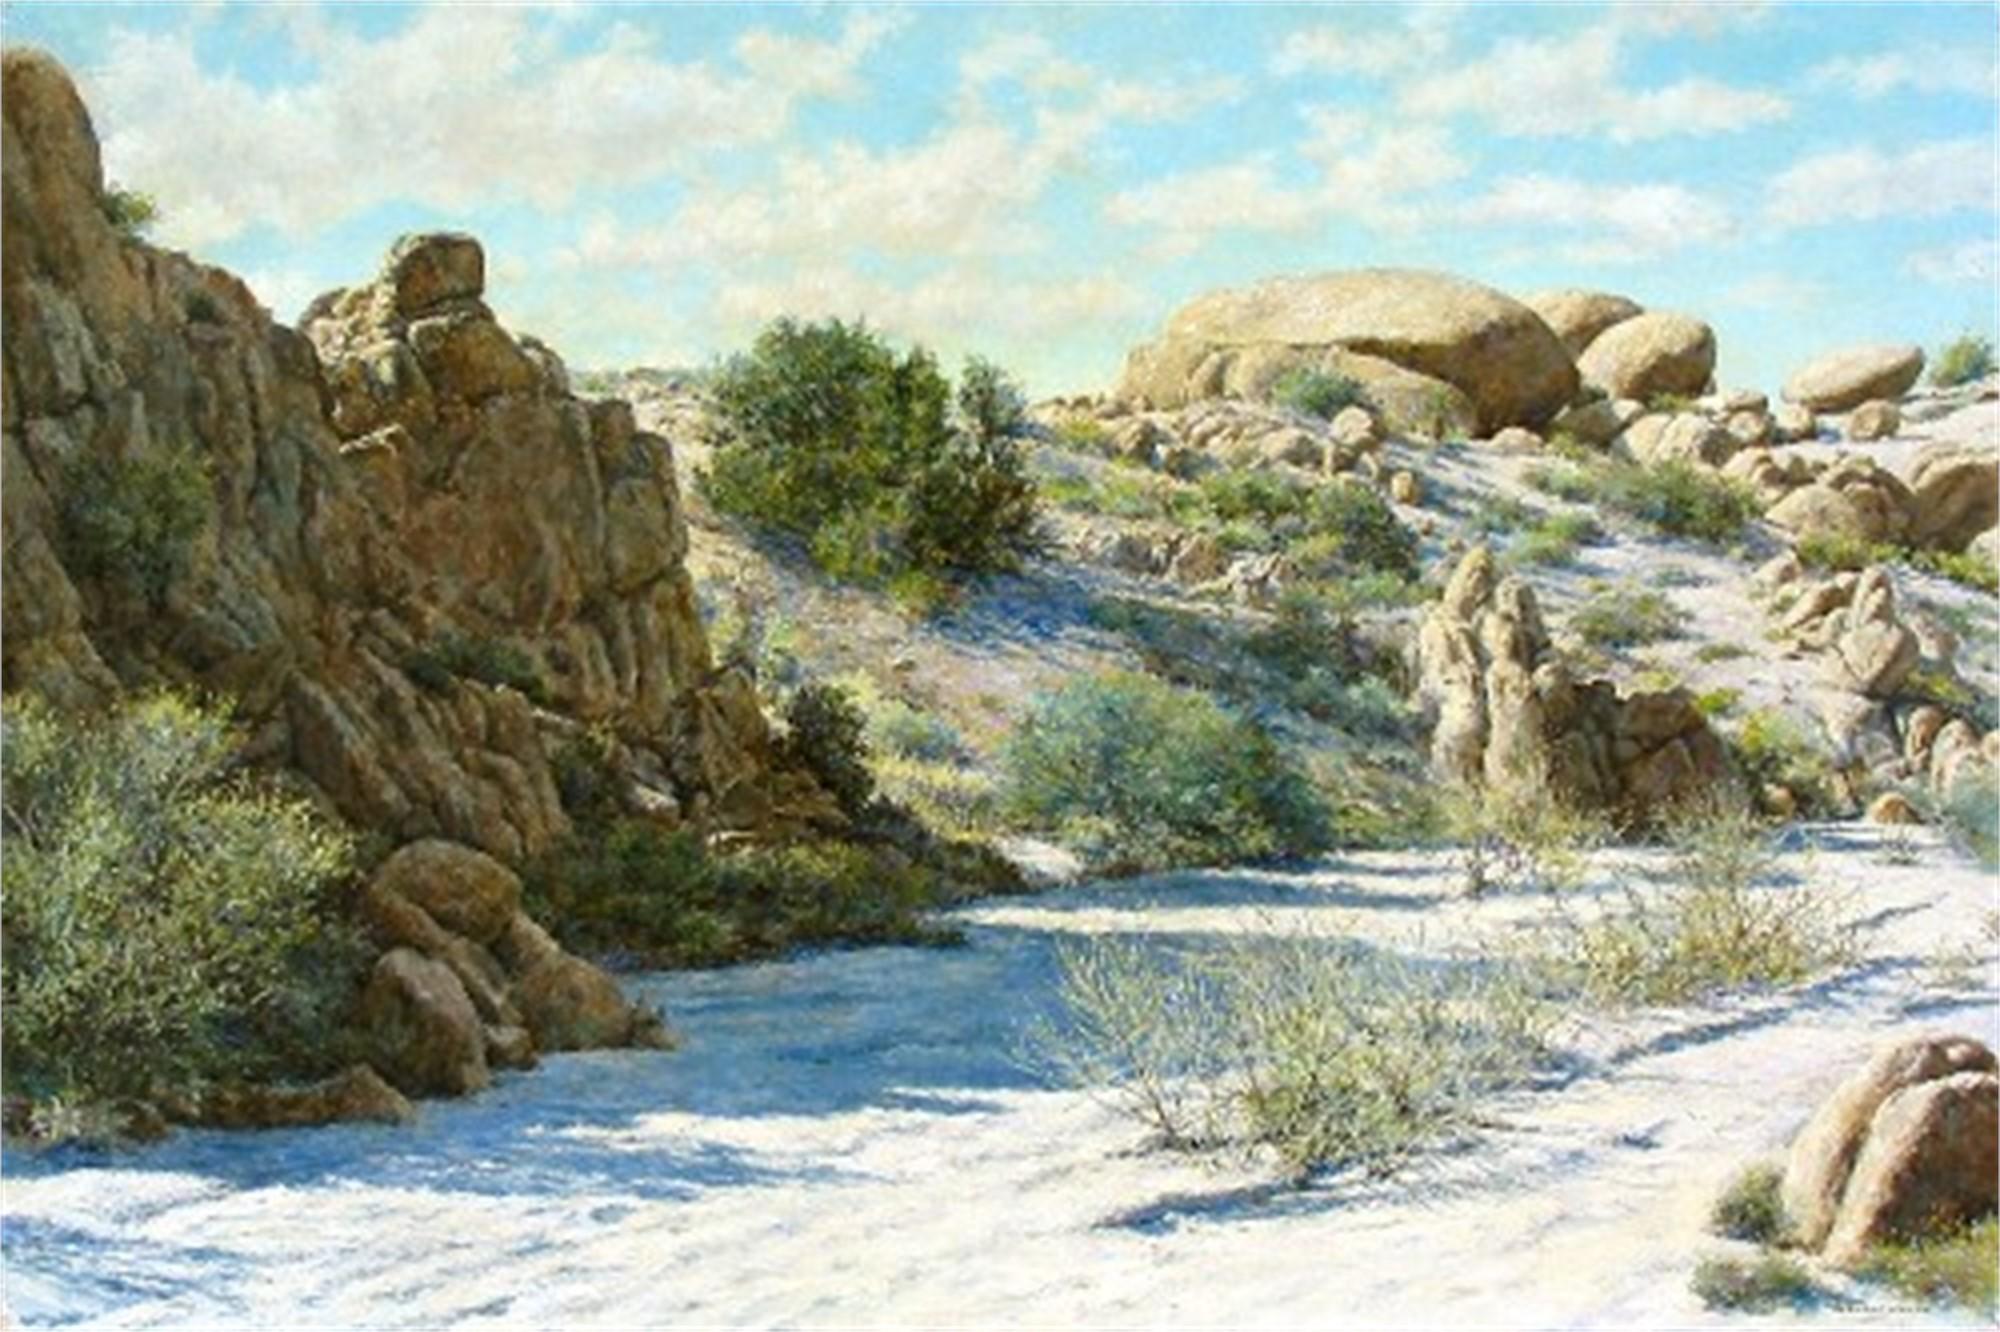 DESERT SCENE by WYNNE